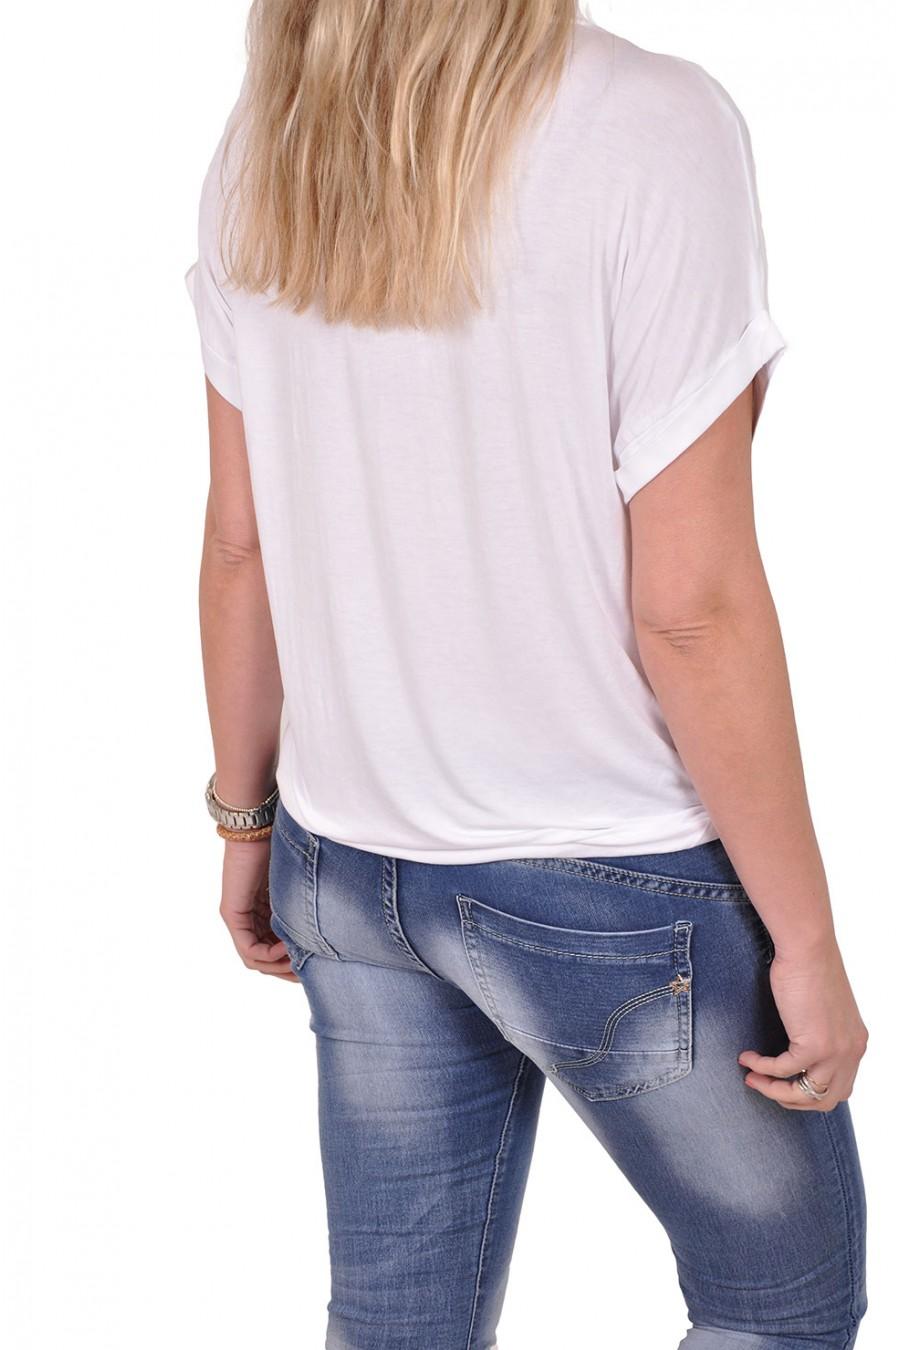 Silk touch v-hals top Gemma Ricceri wit Gemma Ricceri